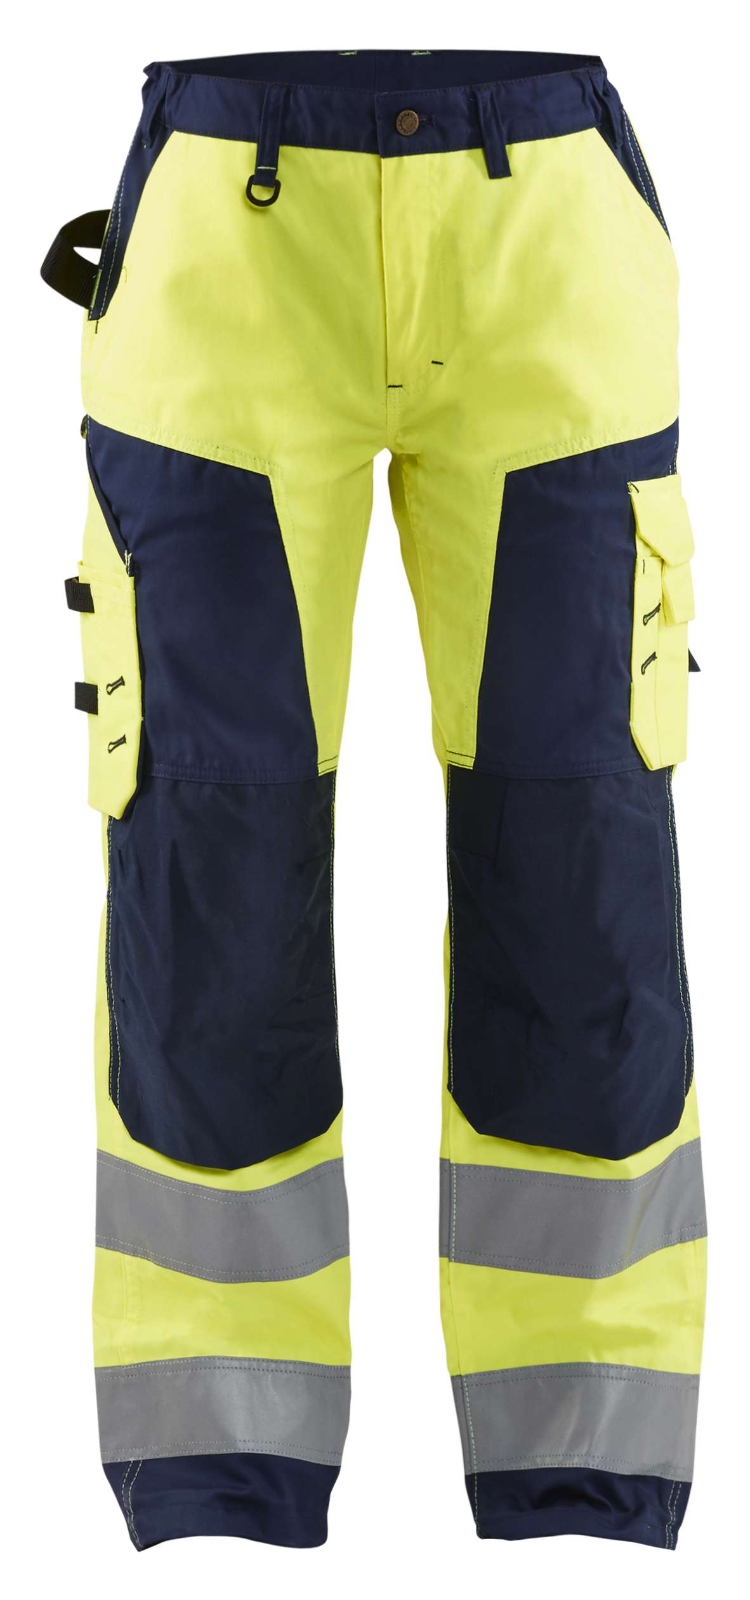 Blaklader Broeken 71551811 High Vis fluo geel-marineblauw(3389)